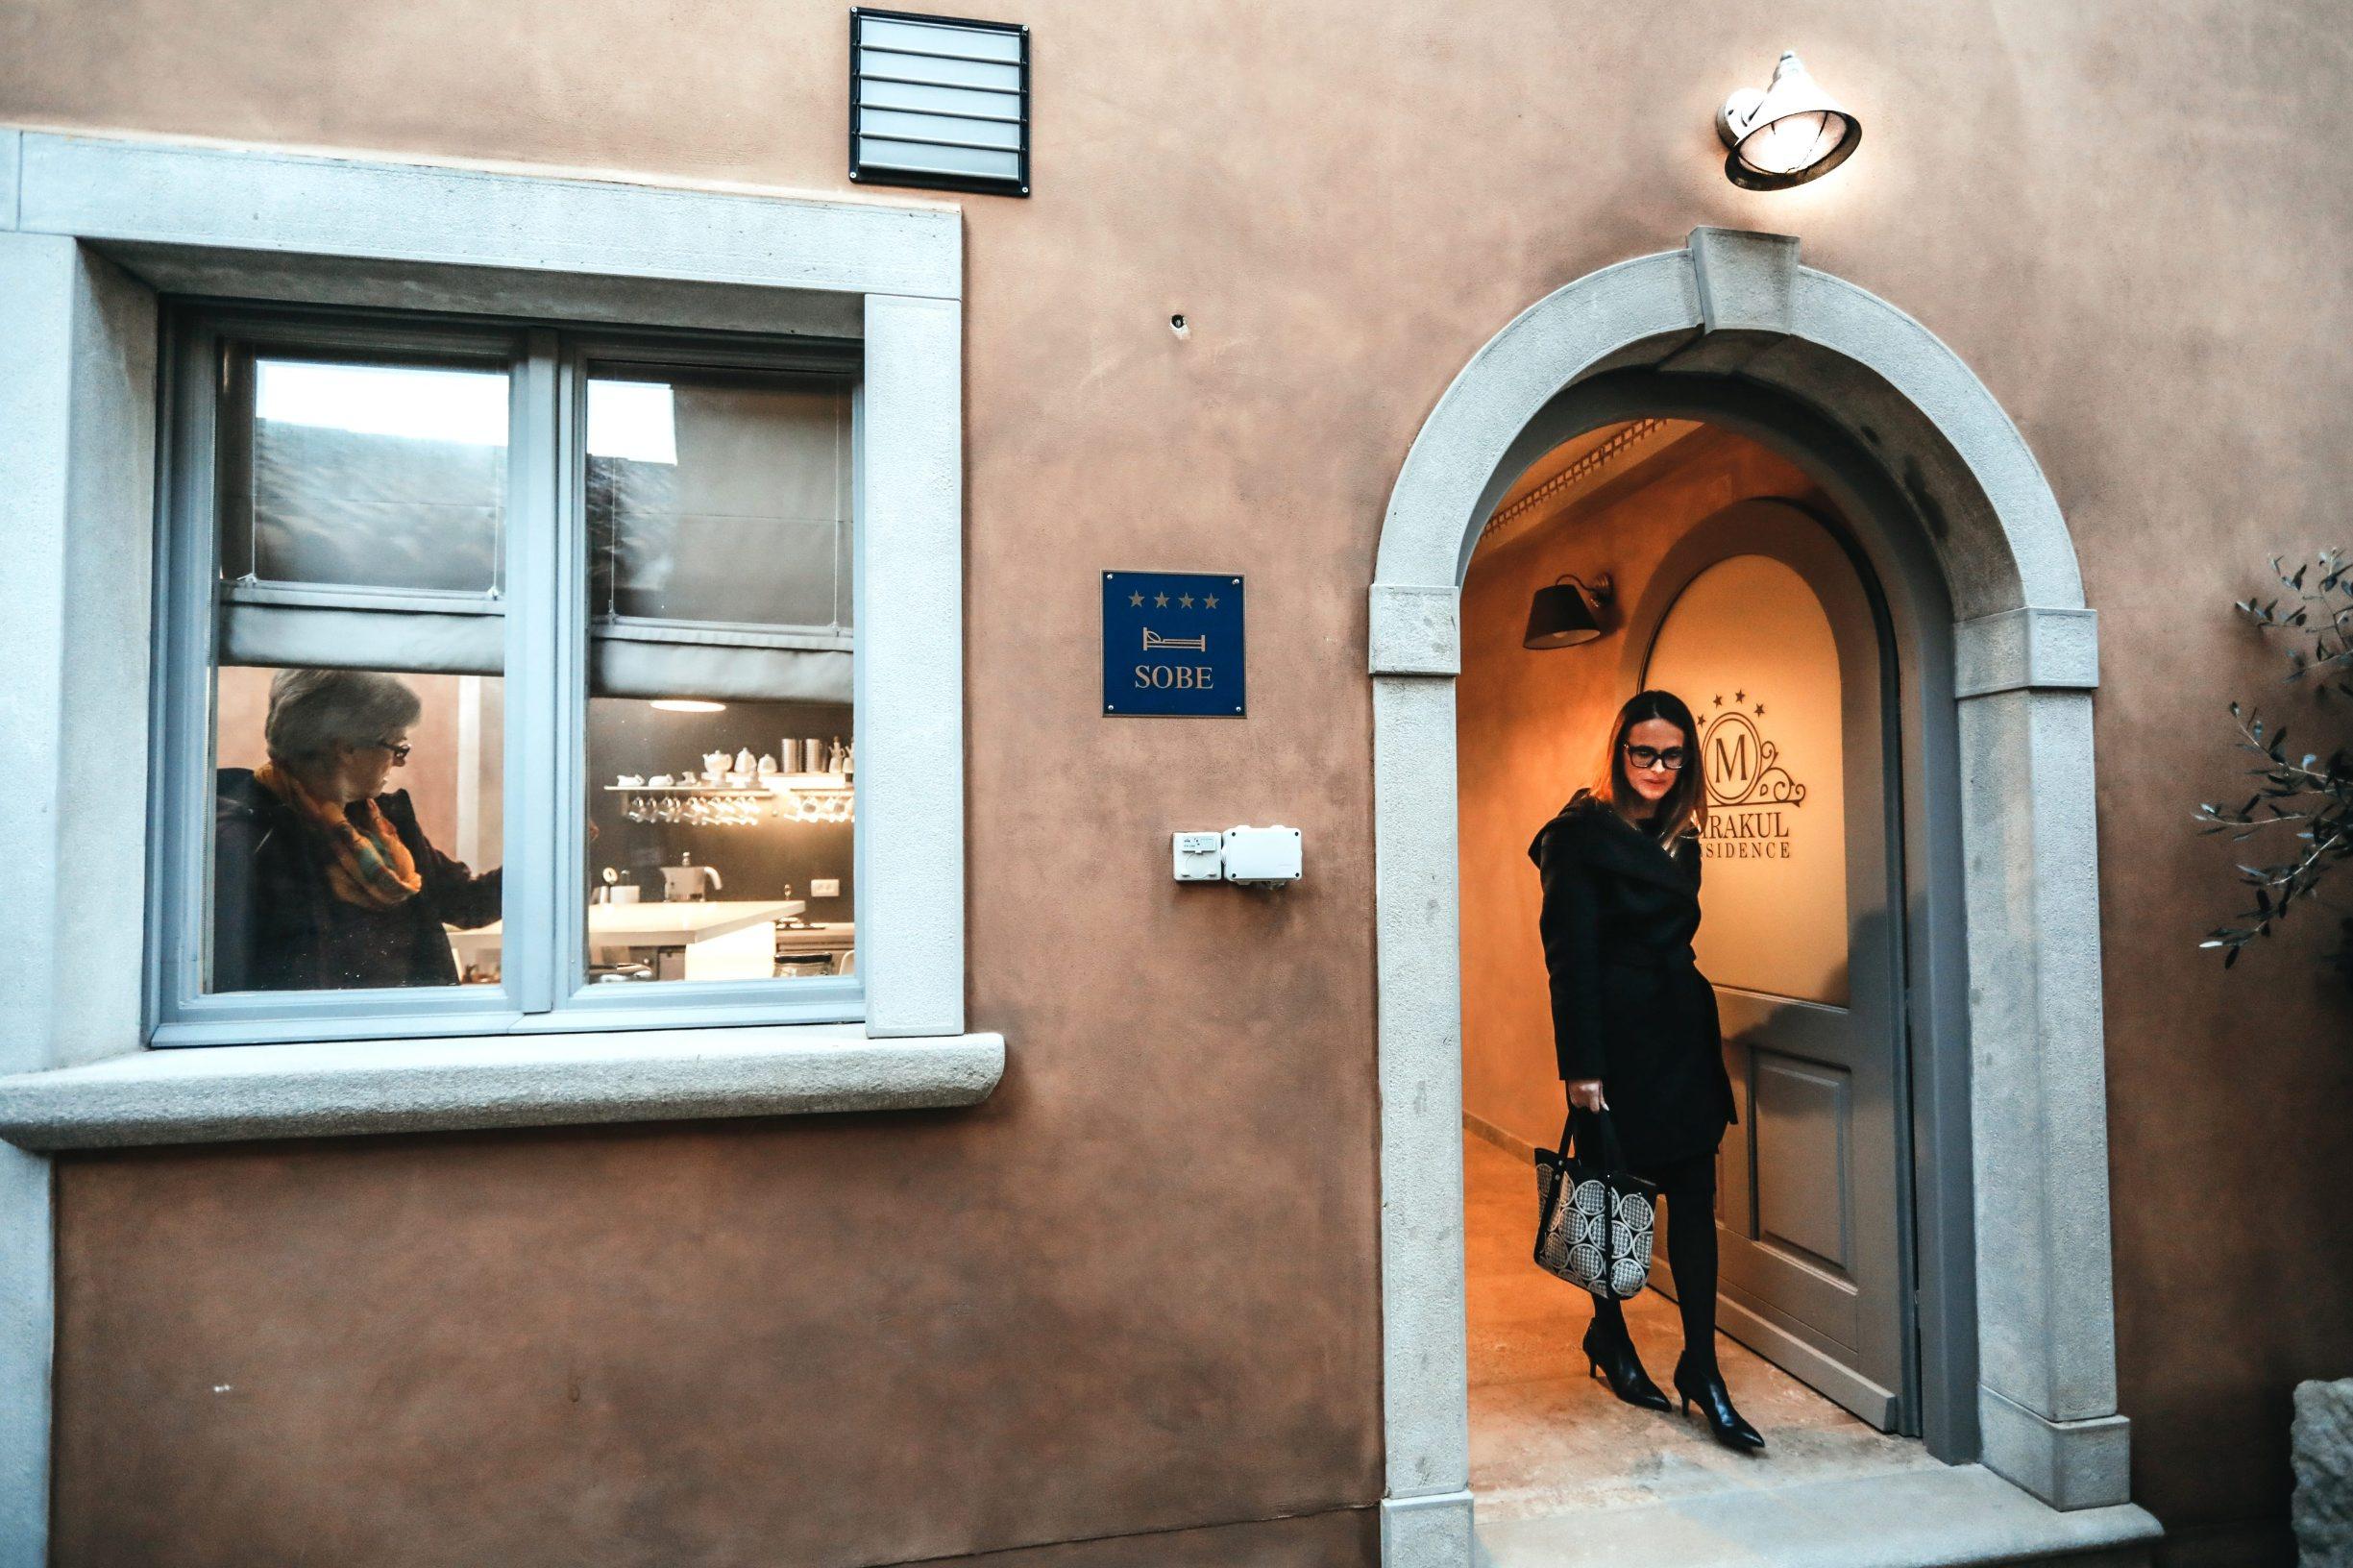 Labin, 250220 Reportaza o gradu Labinu u ciklusu I to je Hrvatska.  Na fotografiji Astrid Glavicic, vlasnica apartmana i soba Lemechi Casa San Marco. Foto: Danijel Soldo / CROPIX